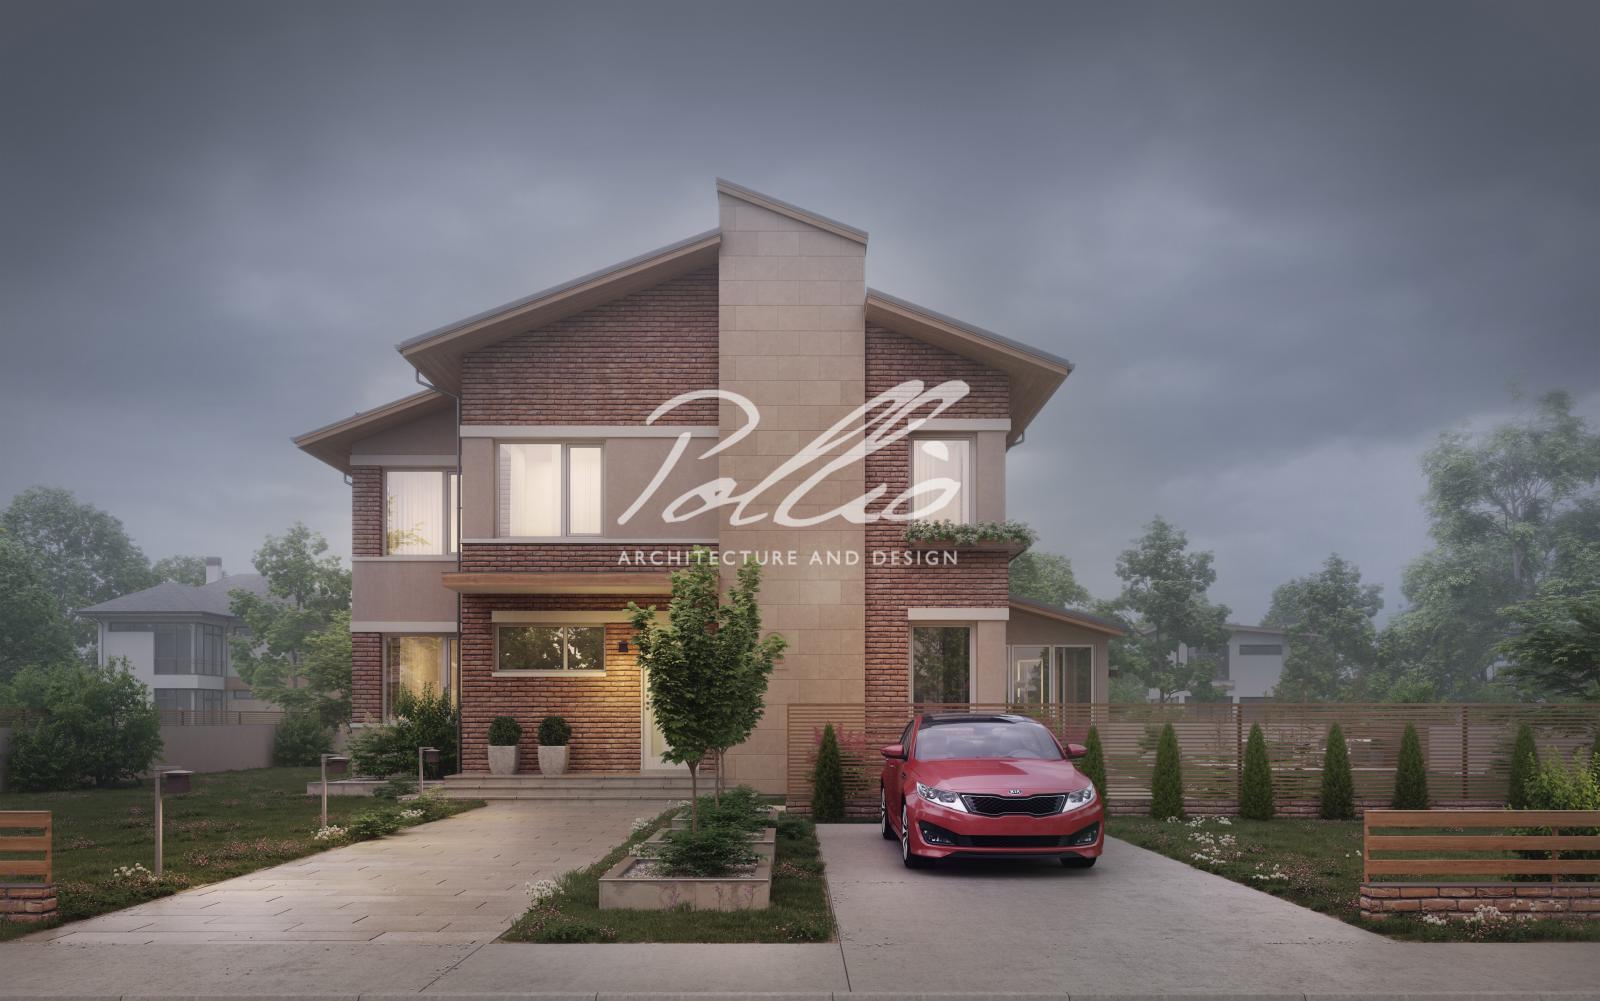 X22 Двухэтажный дом для большой семьи фото 5